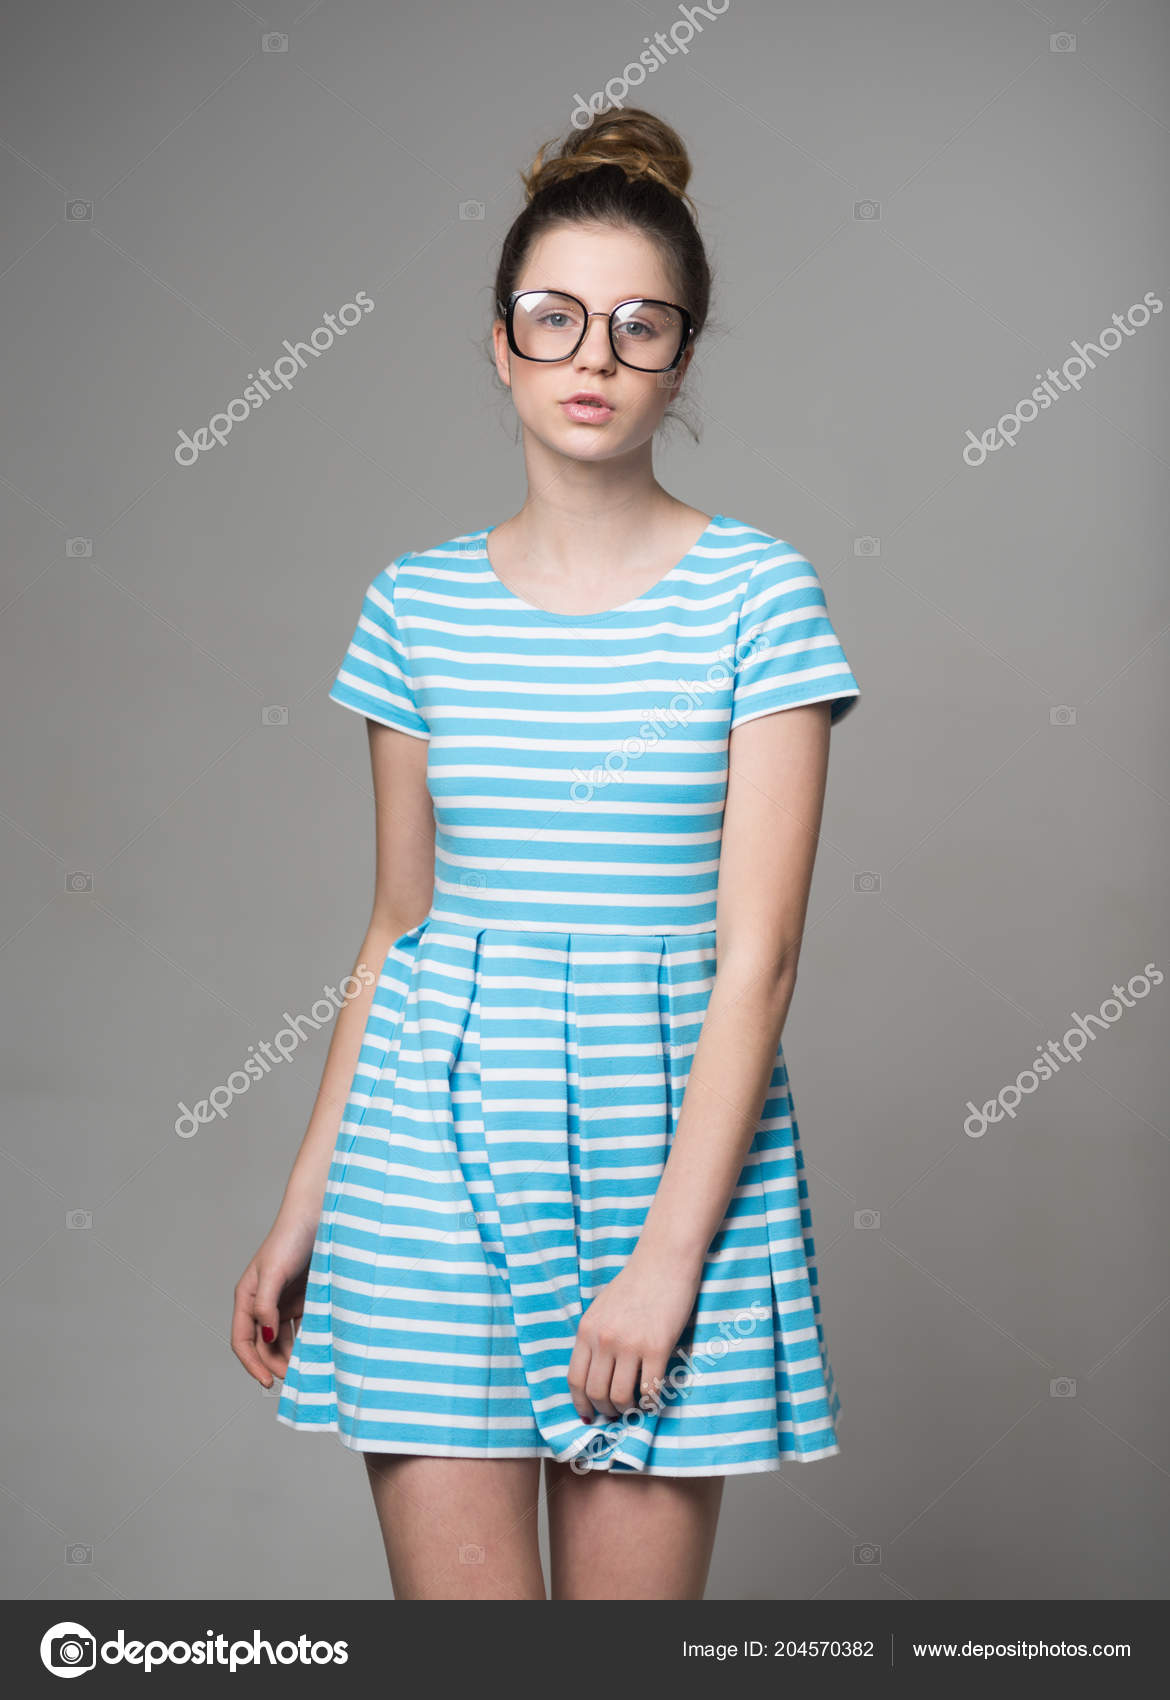 feeafc7084204 Öğrenci. güzel öğrenci kız bardaklarda. öğrenci moda gözlük ve yazlık elbise  içinde kadın.